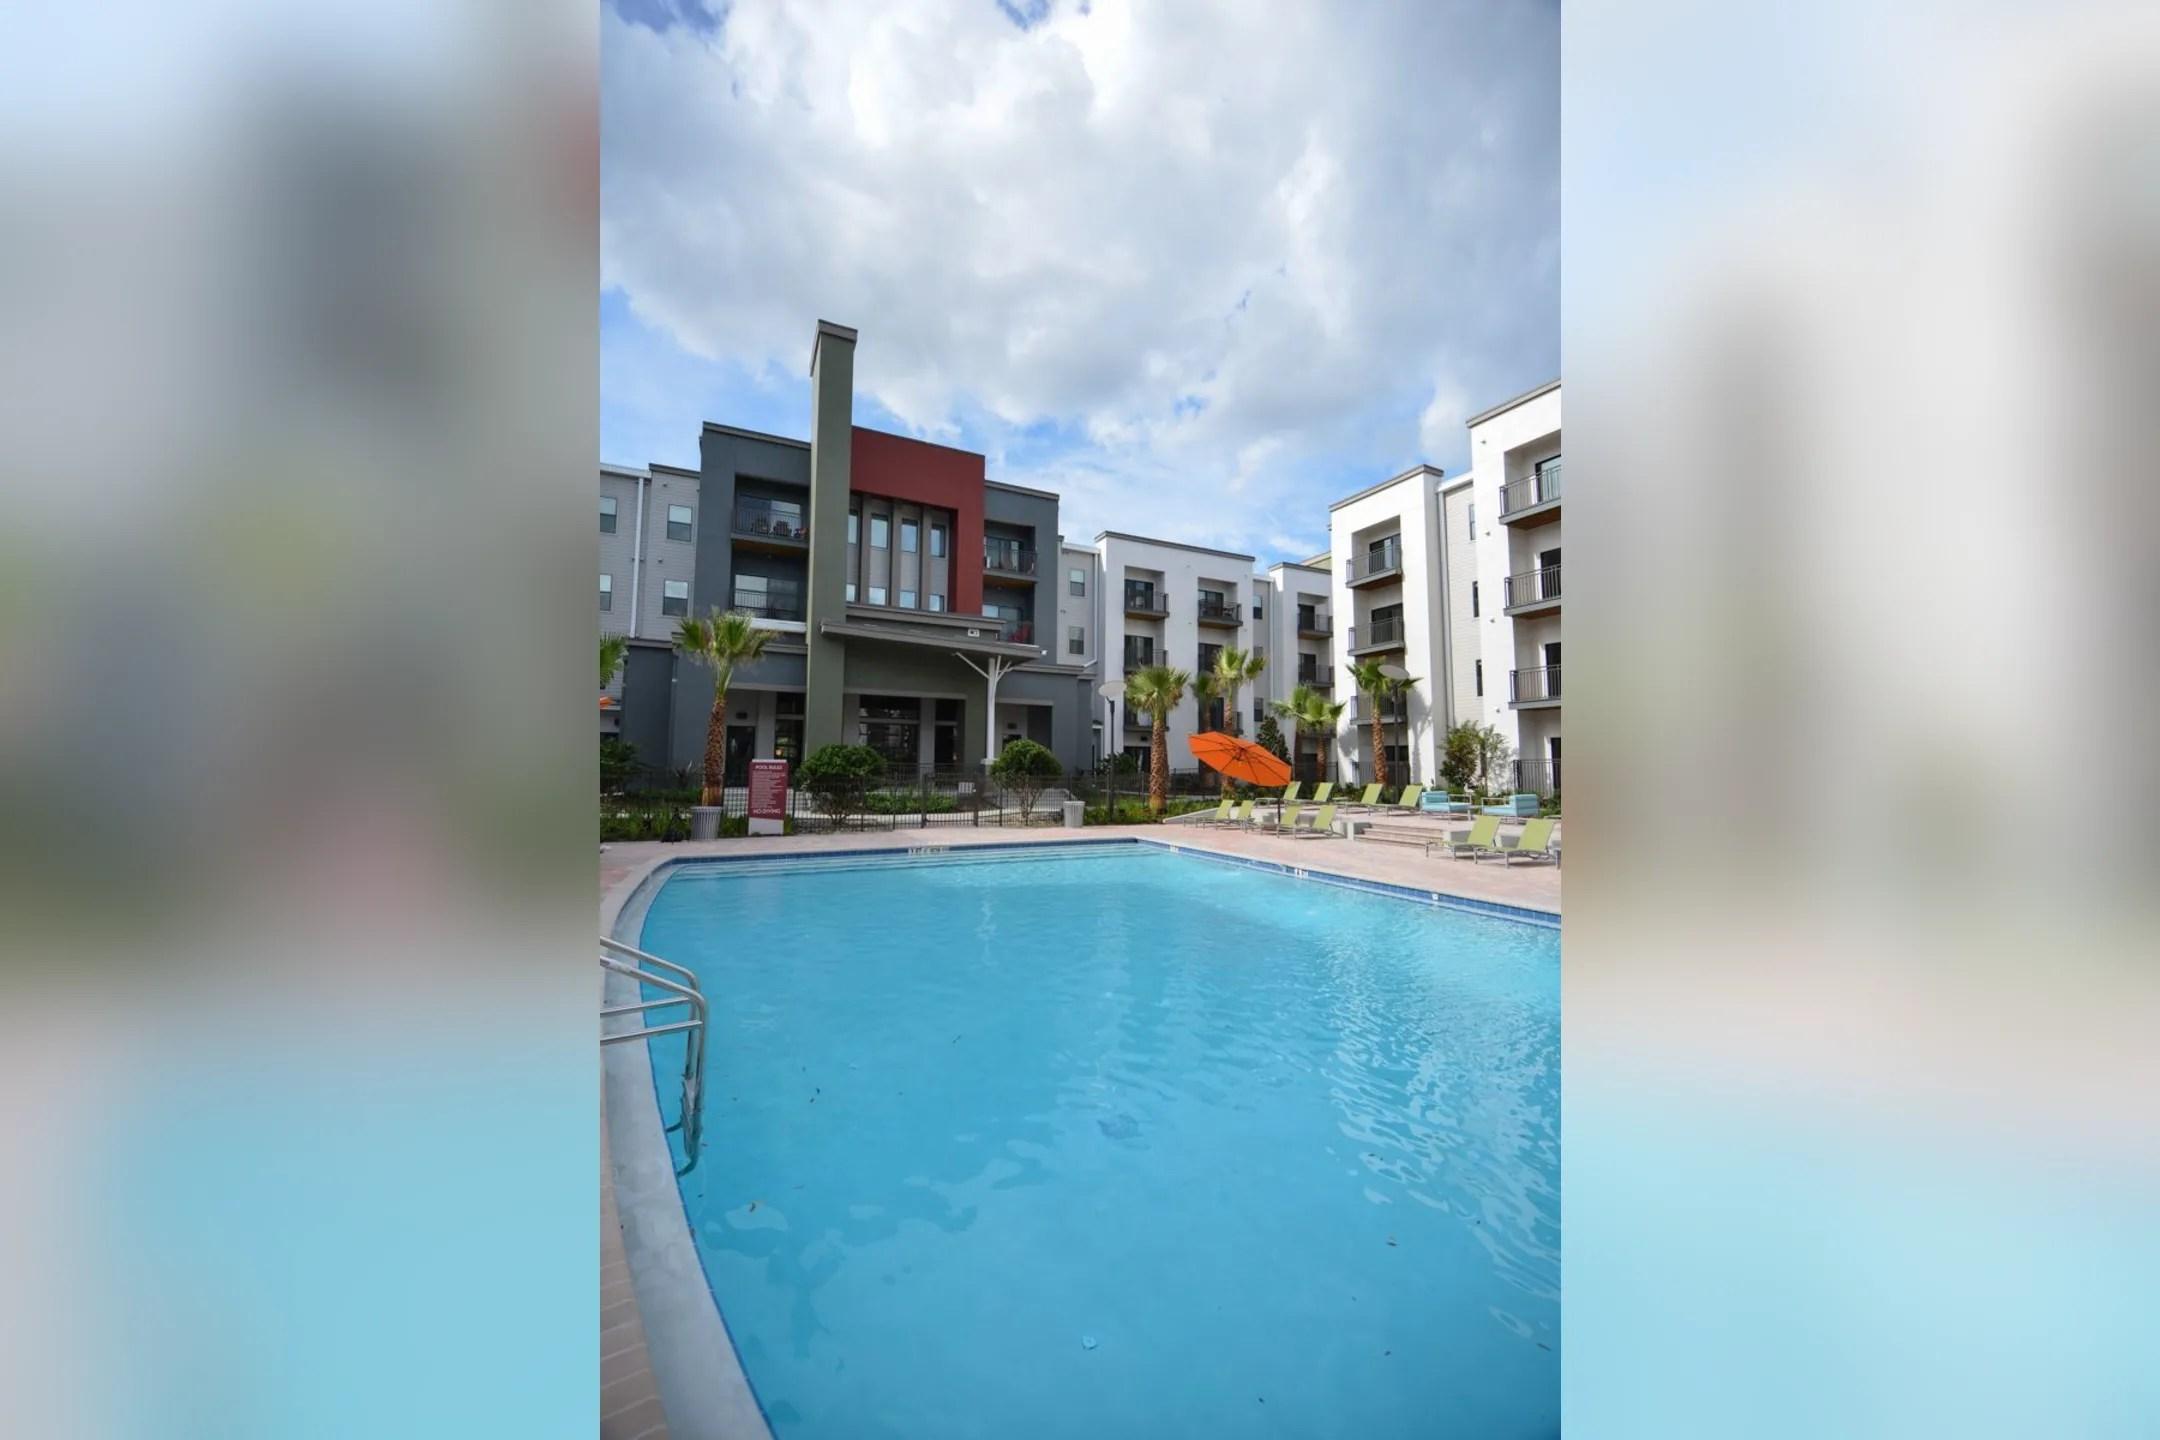 Solara Apartments  Sanford FL 32771